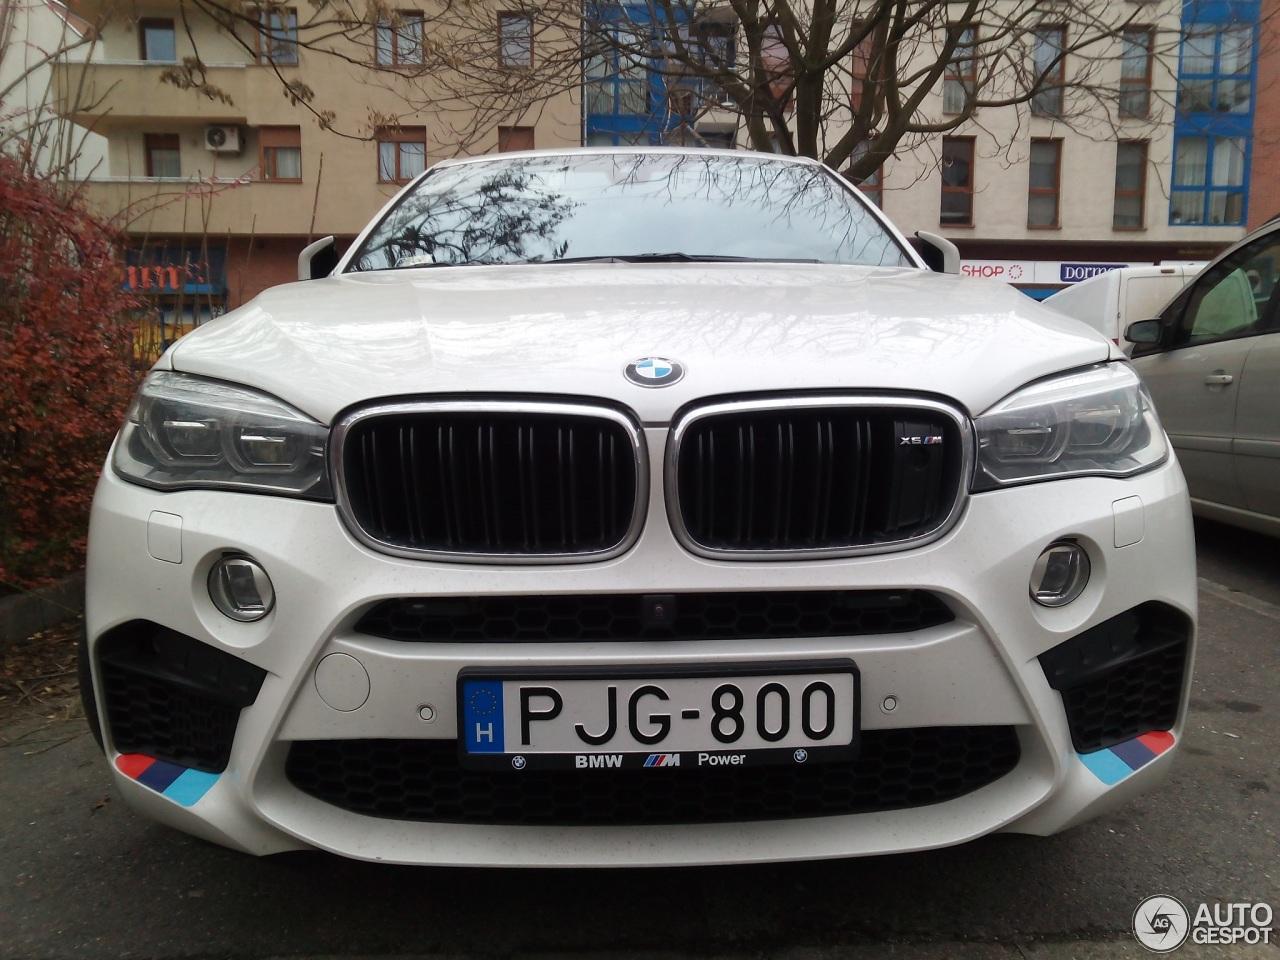 BMW X6 M II (F86) 2014 - now SUV 5 door #3